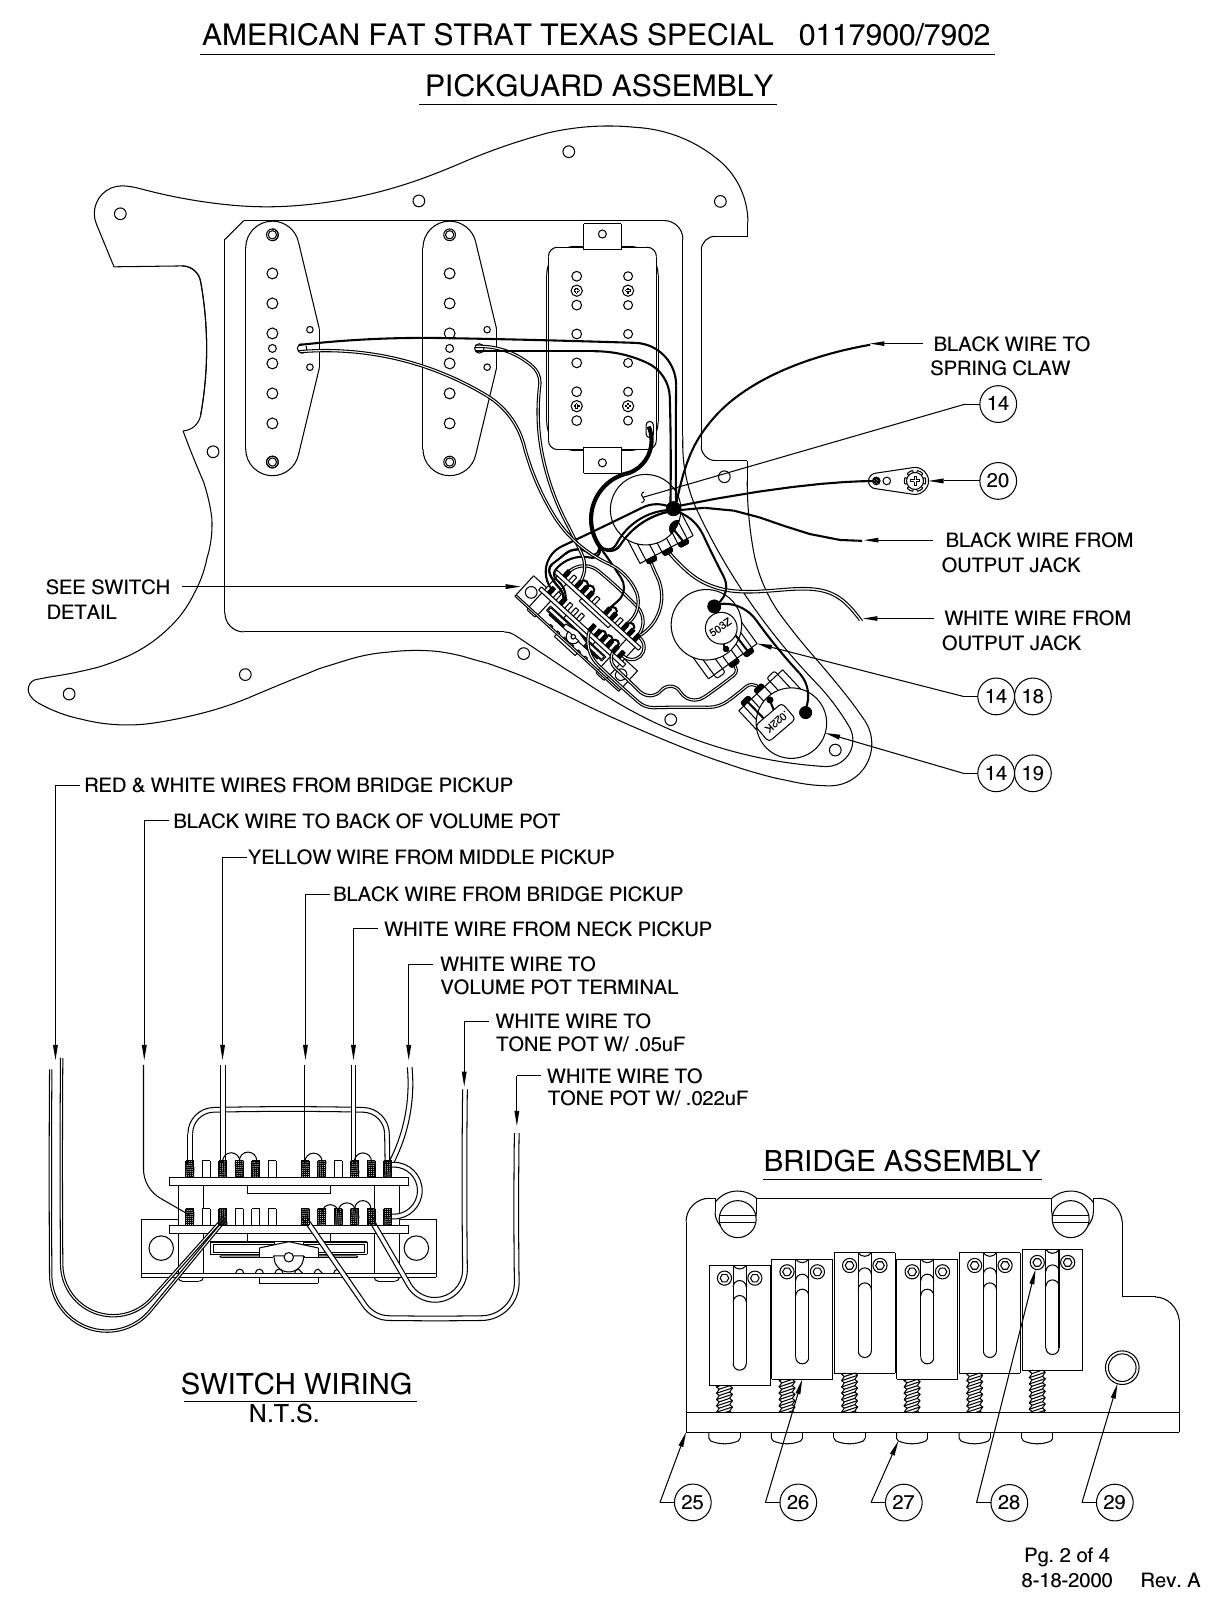 Fender 011 7900 02A SISD